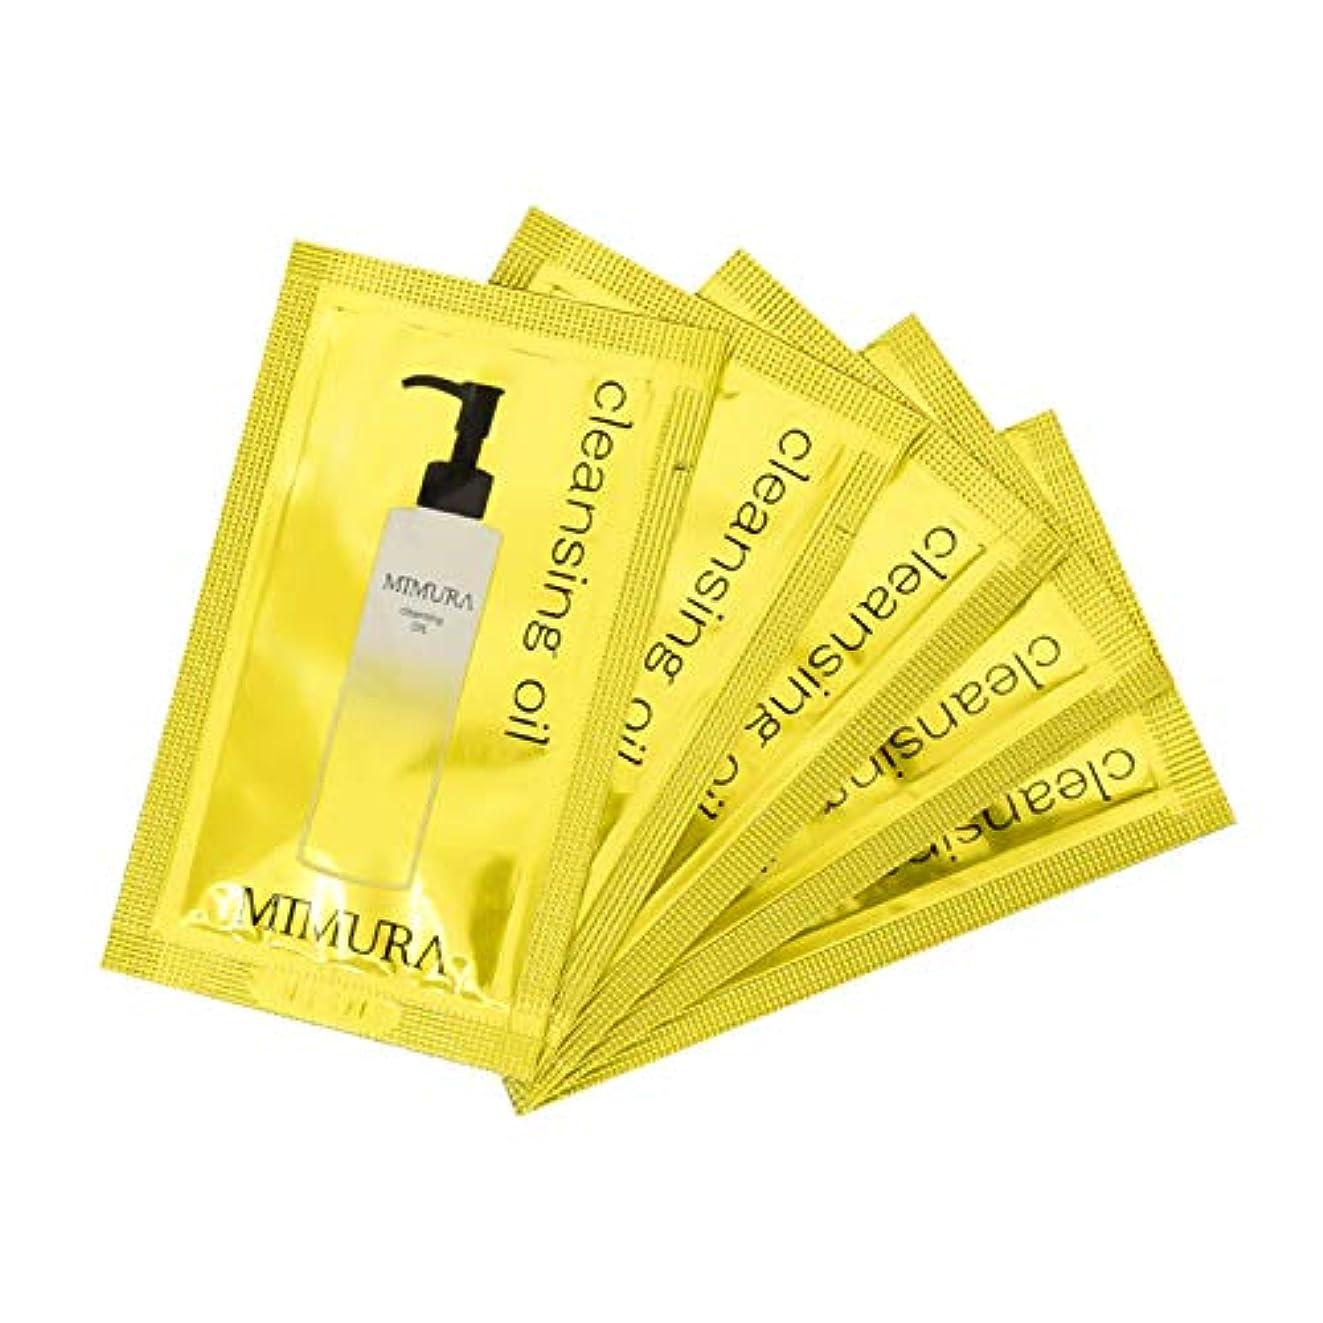 落花生表現高齢者クレンジングオイル マツエク ok w洗顔不要 毛穴 メイク落とし ミムラ 試供品 5個入り ゆうパケット(ポスト投函)での発送となります。 MIMURA 日本製 ※おひとり様1点、1回限りとなります。